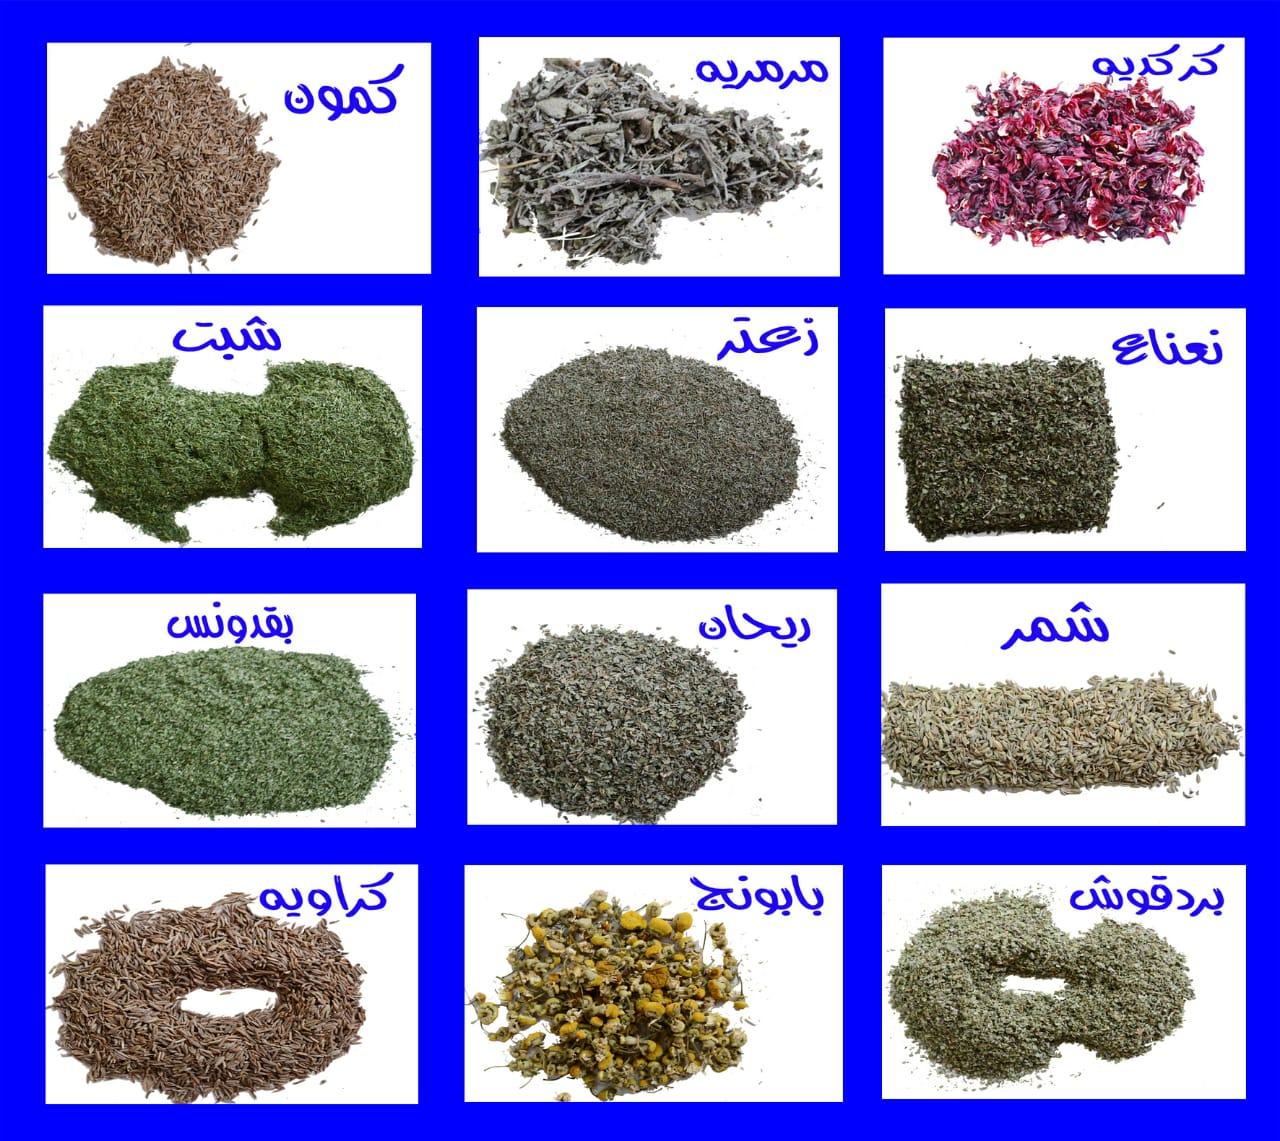 تجاره النباتات الطبية والعطريه Project Picture